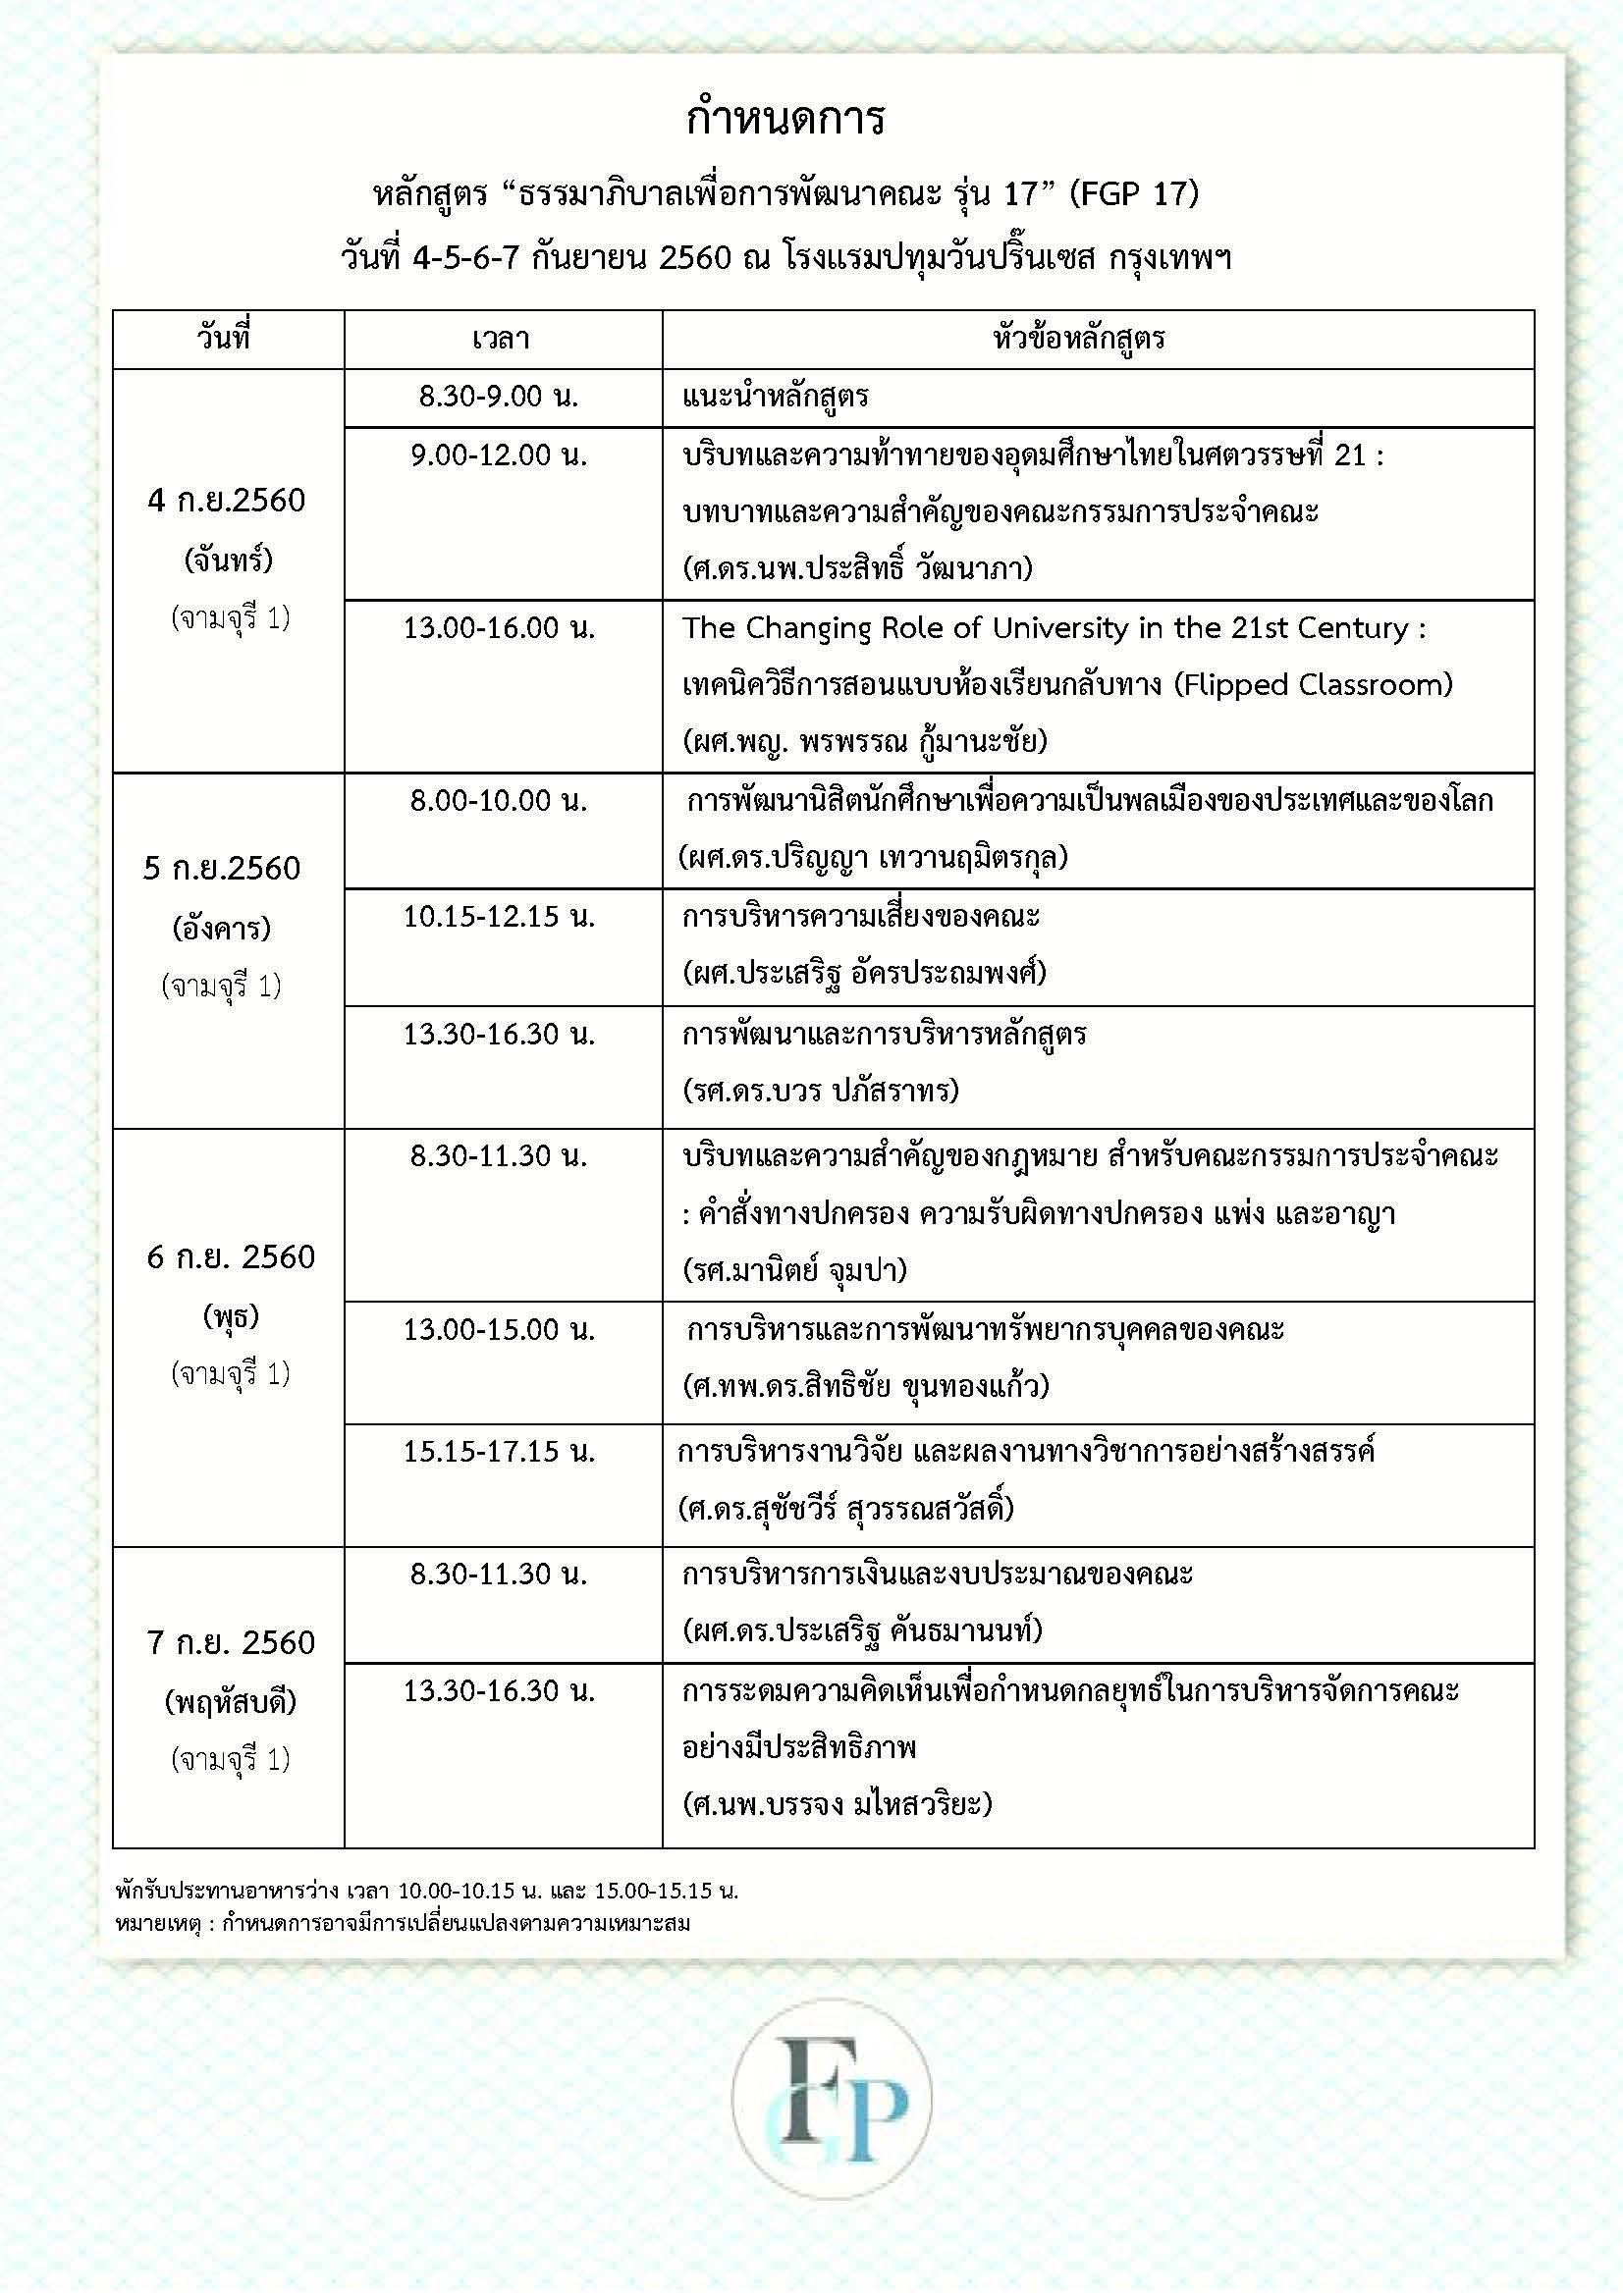 agenda-fgp17